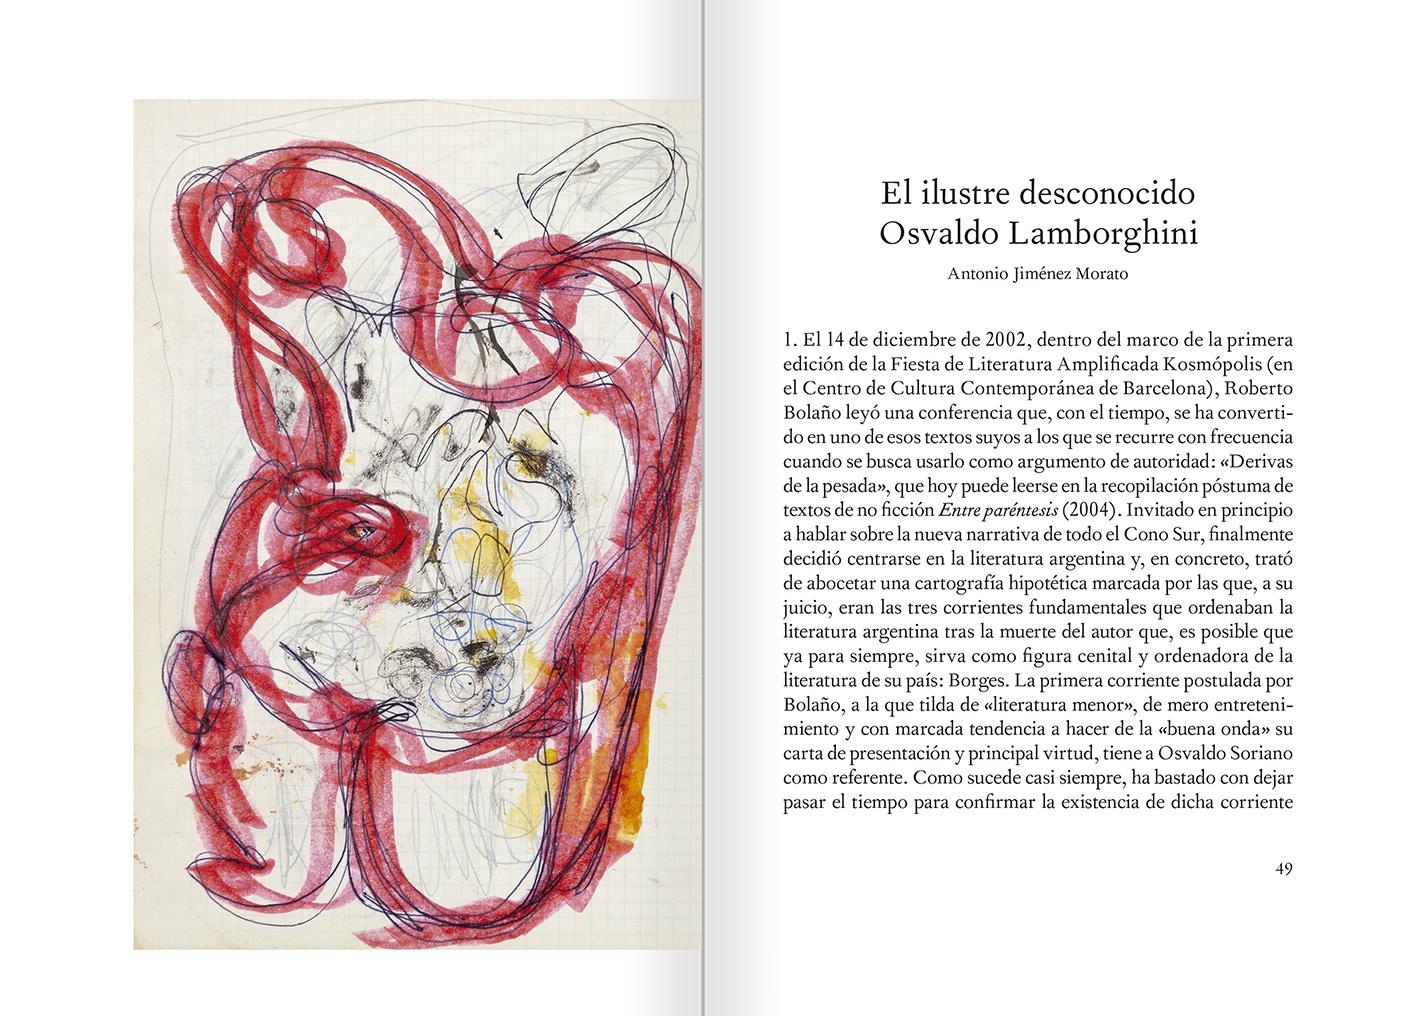 """Selecció del catàleg """"El sexo que habla. Osvaldo Lamborghini"""" pàgines 48 i 49"""